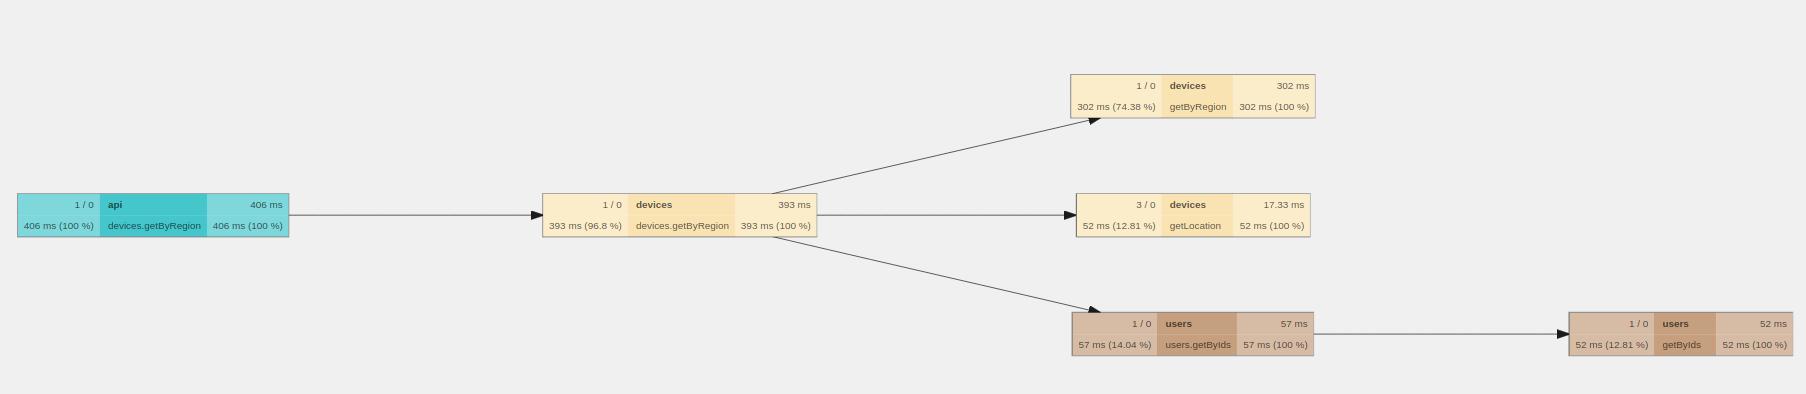 Диагностируем проблемы в микросервисной архитектуре на Node.js с помощью OpenTracing и Jaeger - 8